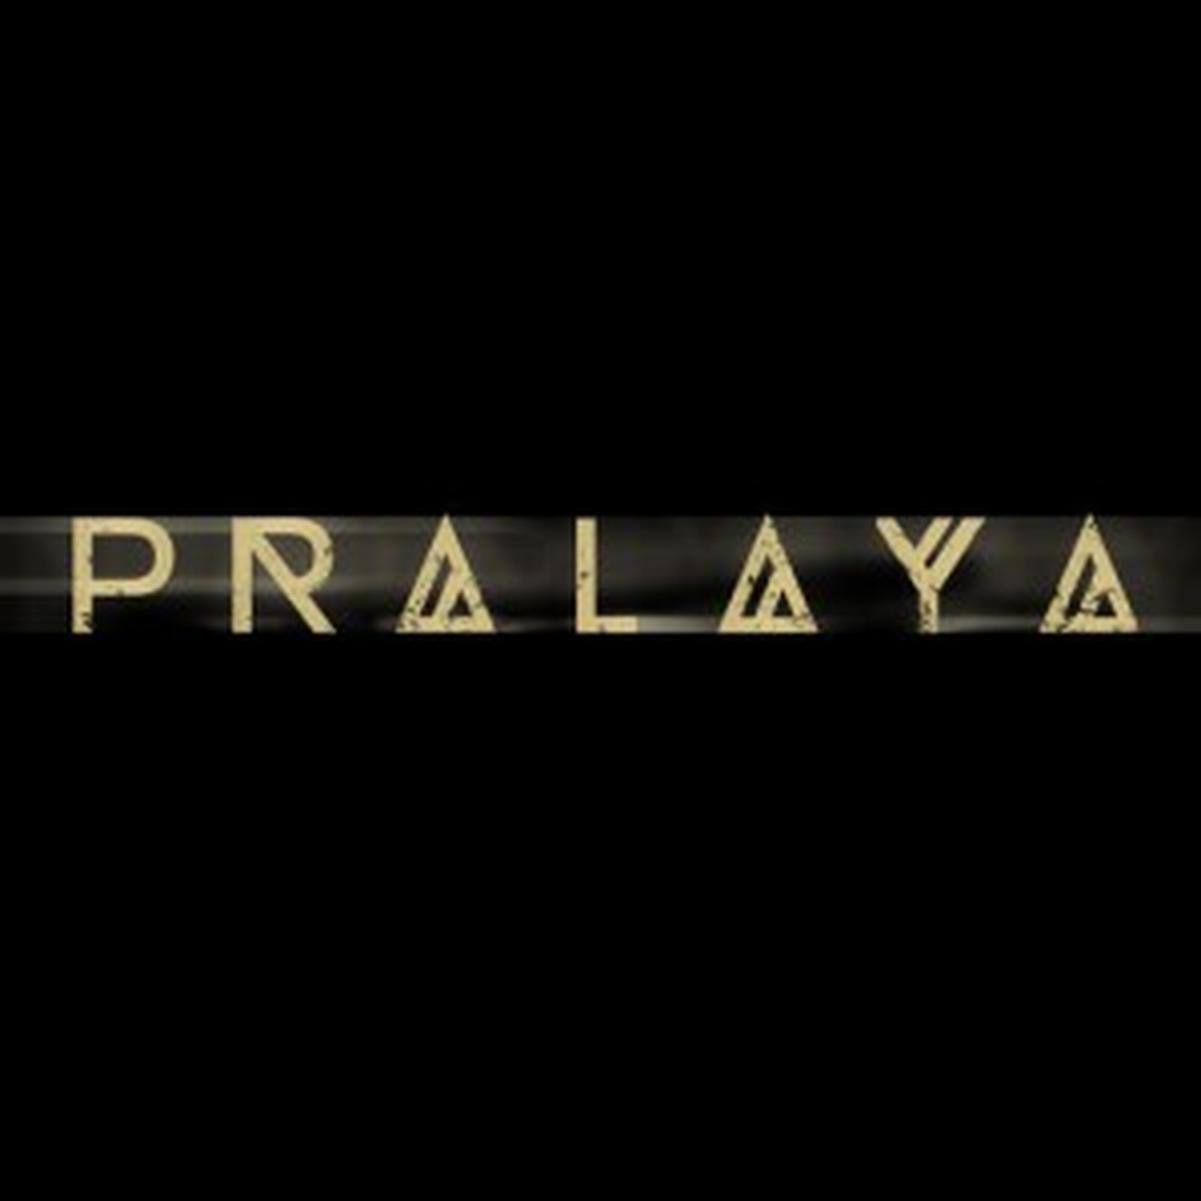 Pralaya Music Limeted wiki, Pralaya Music Limeted review, Pralaya Music Limeted history, Pralaya Music Limeted news